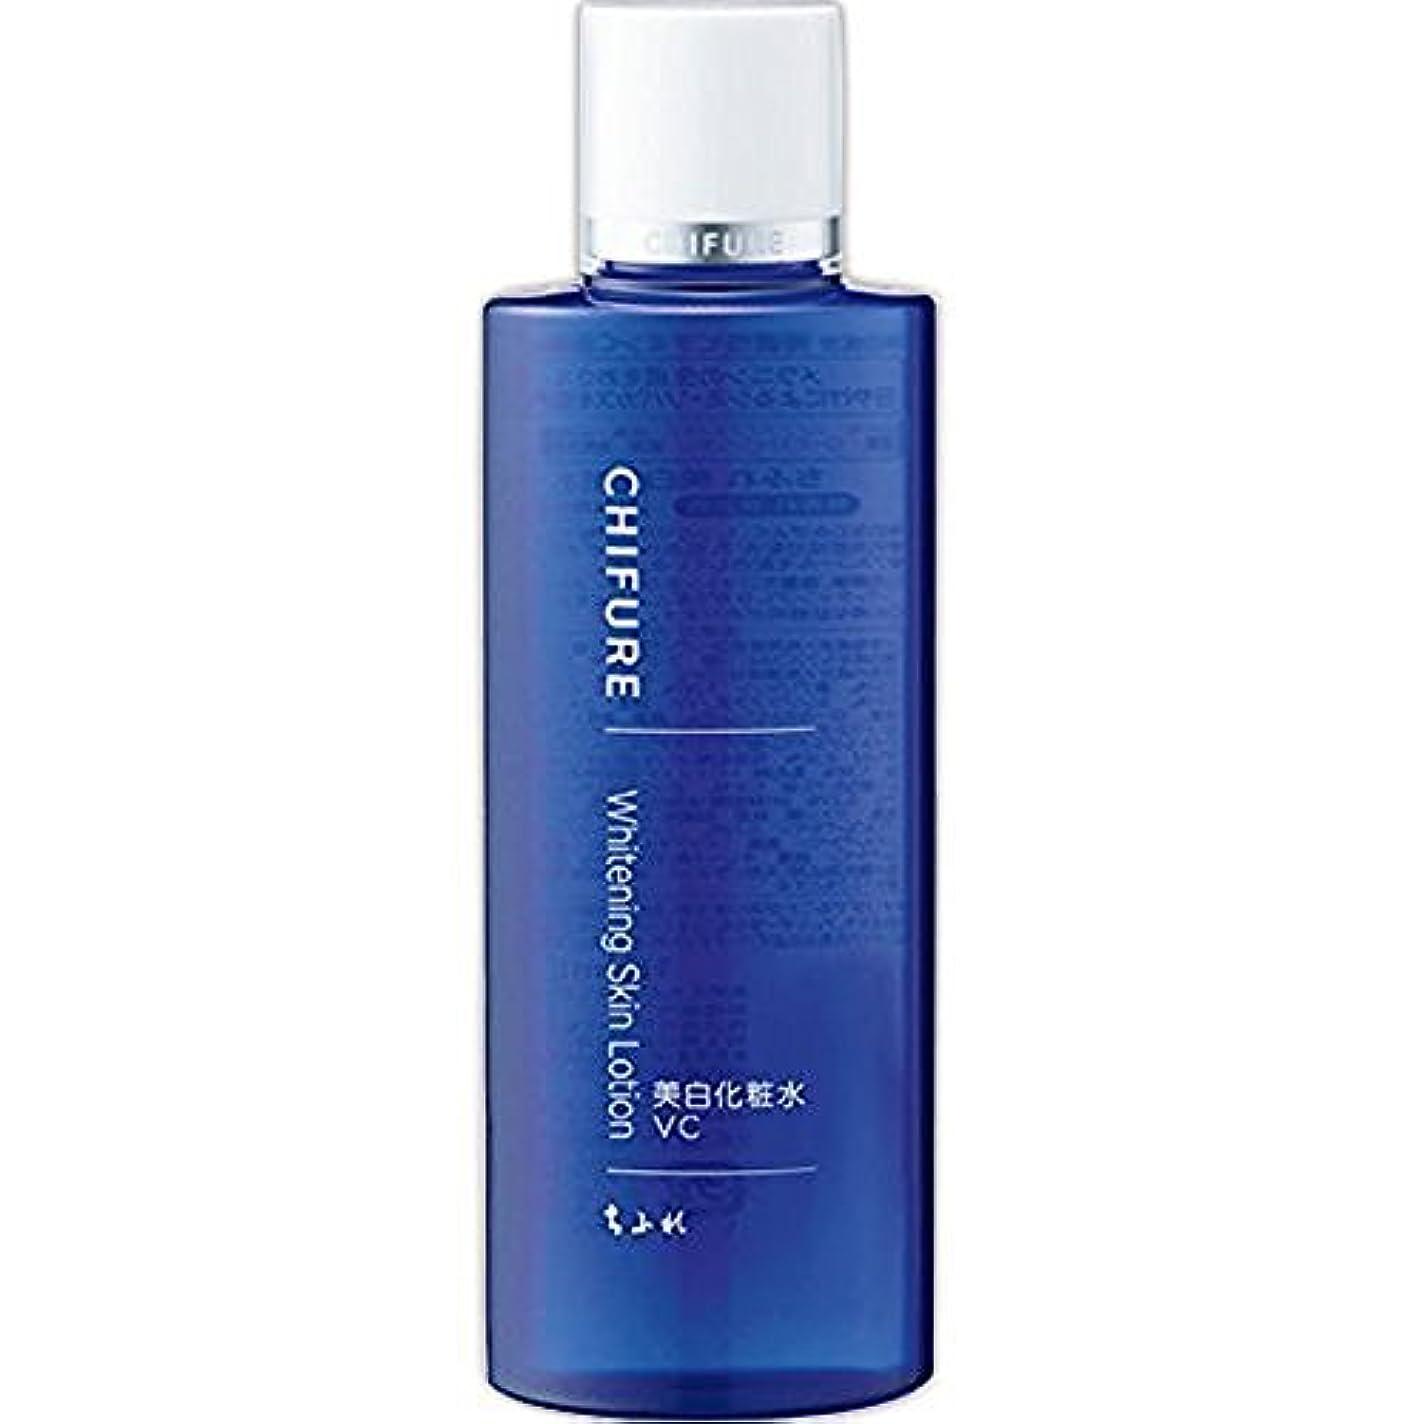 透けて見える対称材料ちふれ化粧品 美白化粧水 VC 180ML (医薬部外品)